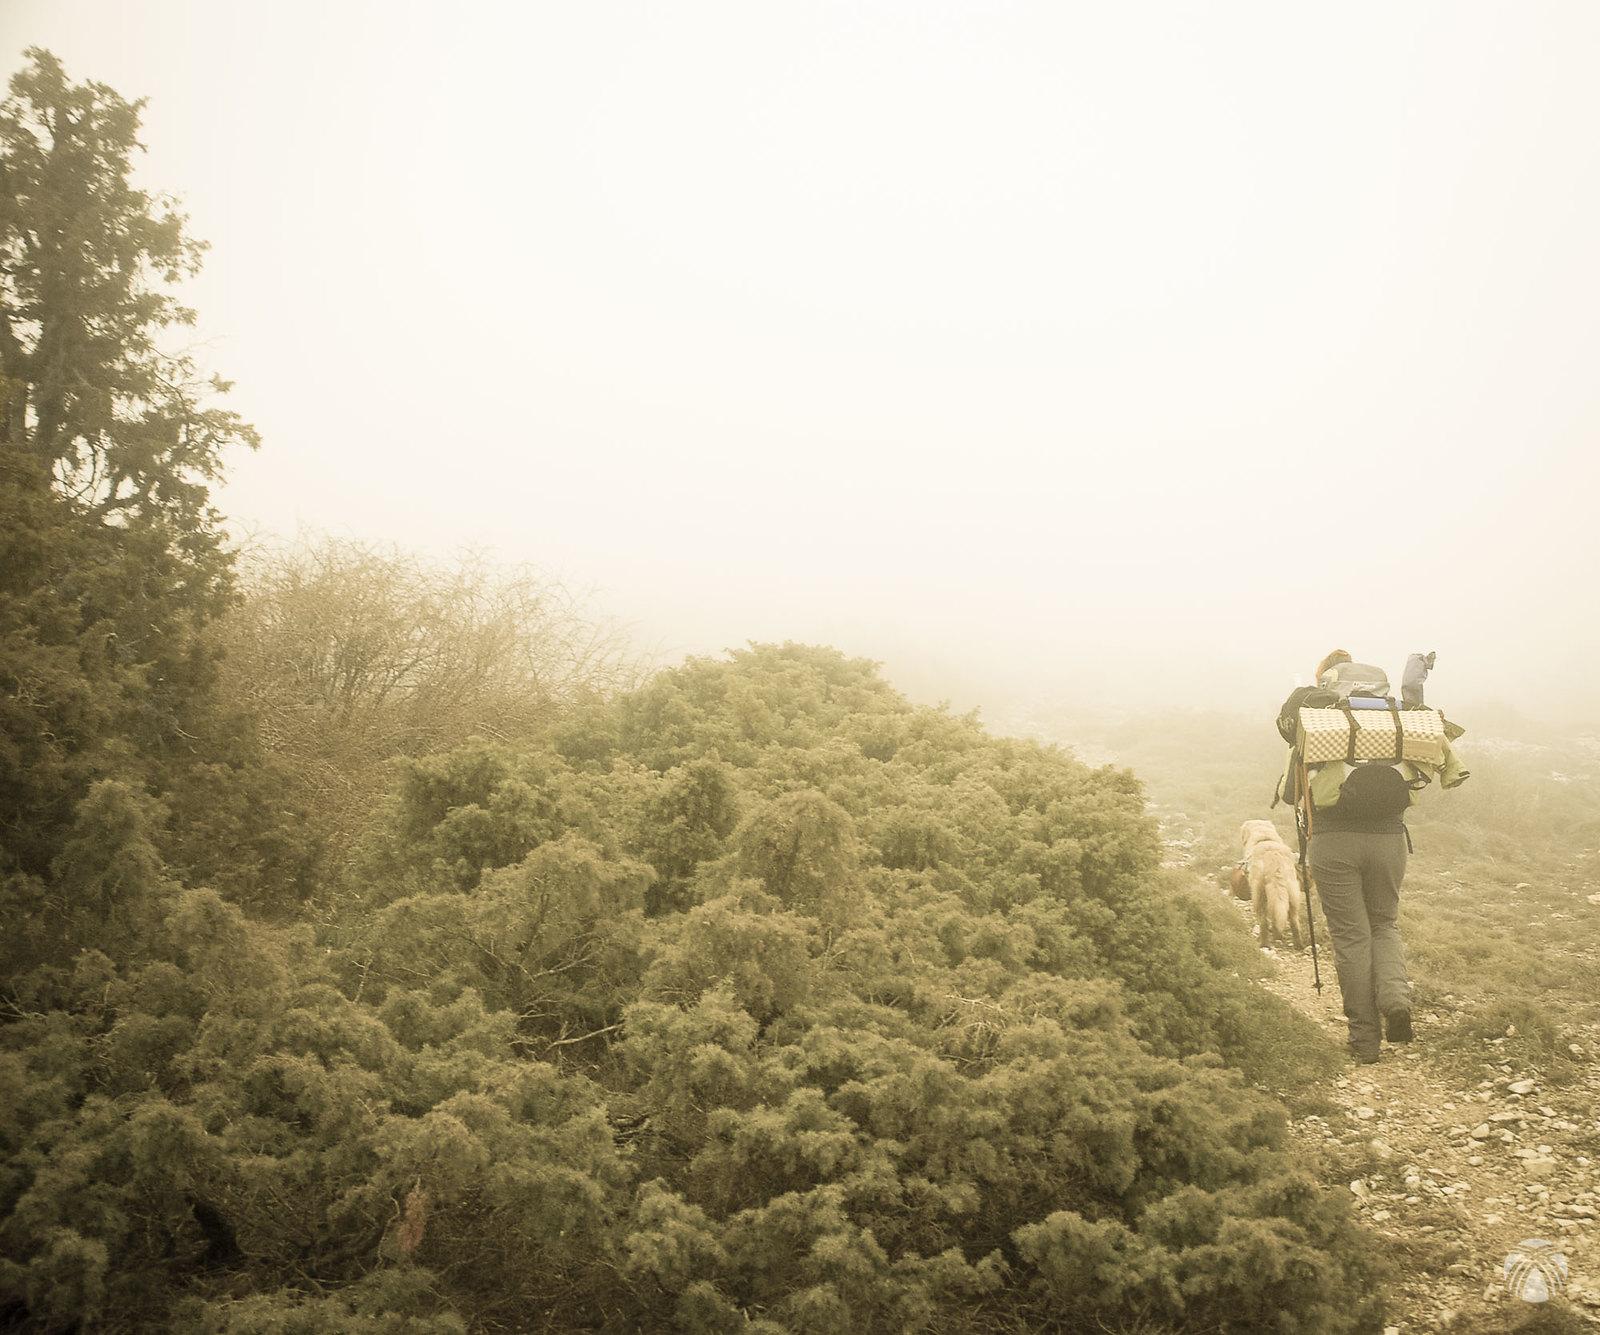 La niebla da un toque fantasmal a los enebros y las sabinas